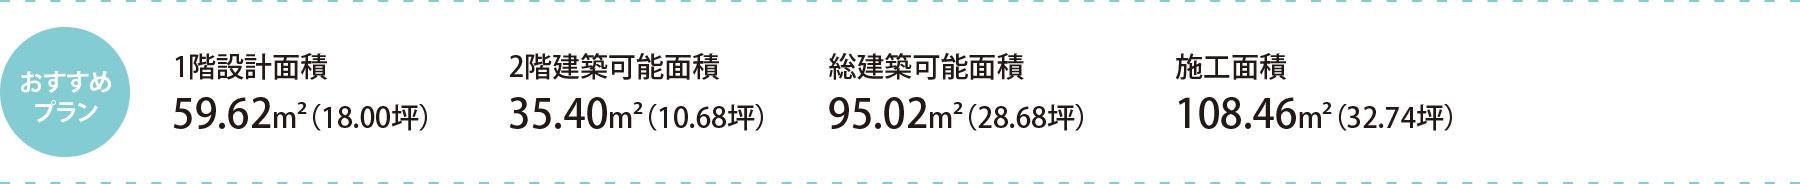 施工面積108.46m²(32.74坪)